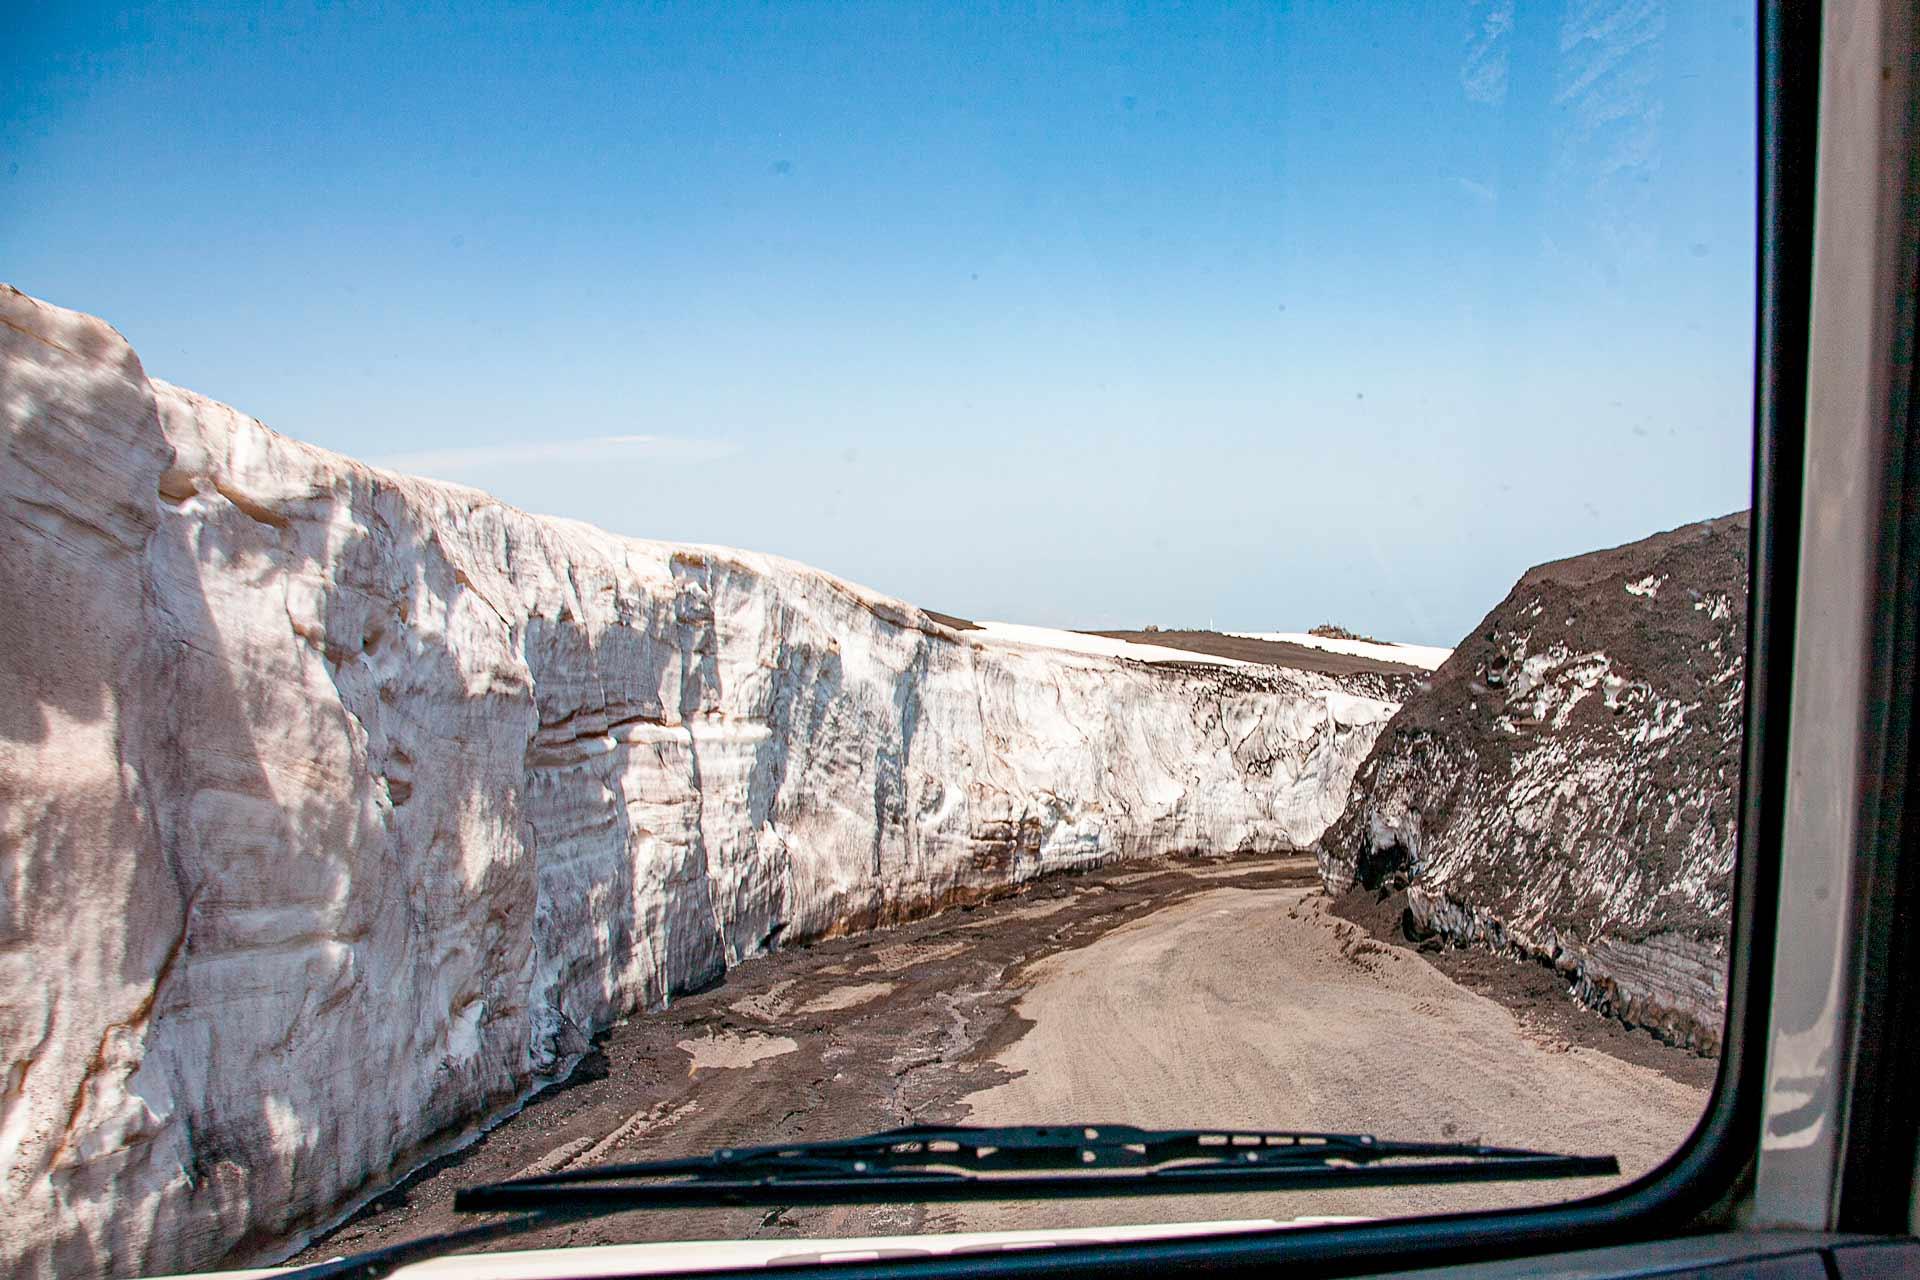 Nous marchons le long de la route aux hauts murs de neige, et en seulement 20 minutes, nous atteignons une altitude de 2900 m. au dessus du niveau de la mer.